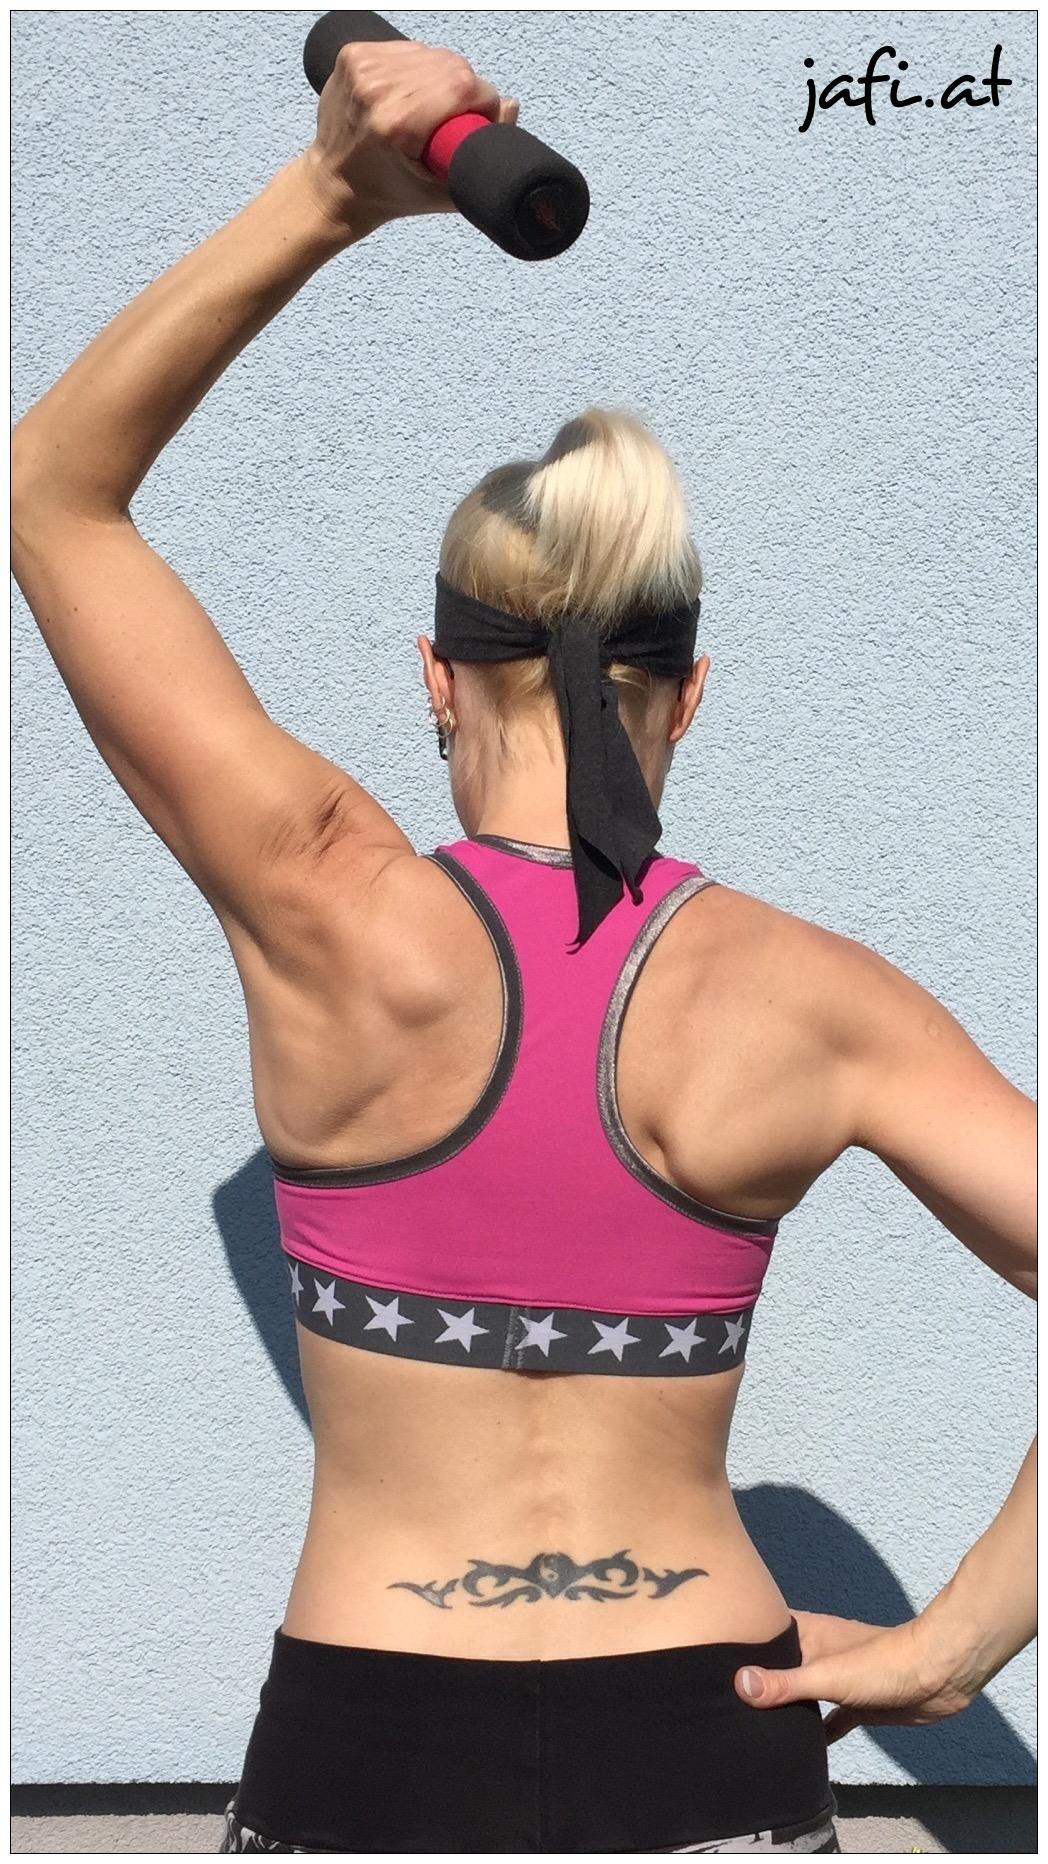 Sport-BH Hold\'n\'Sporty von Sewera - jafi